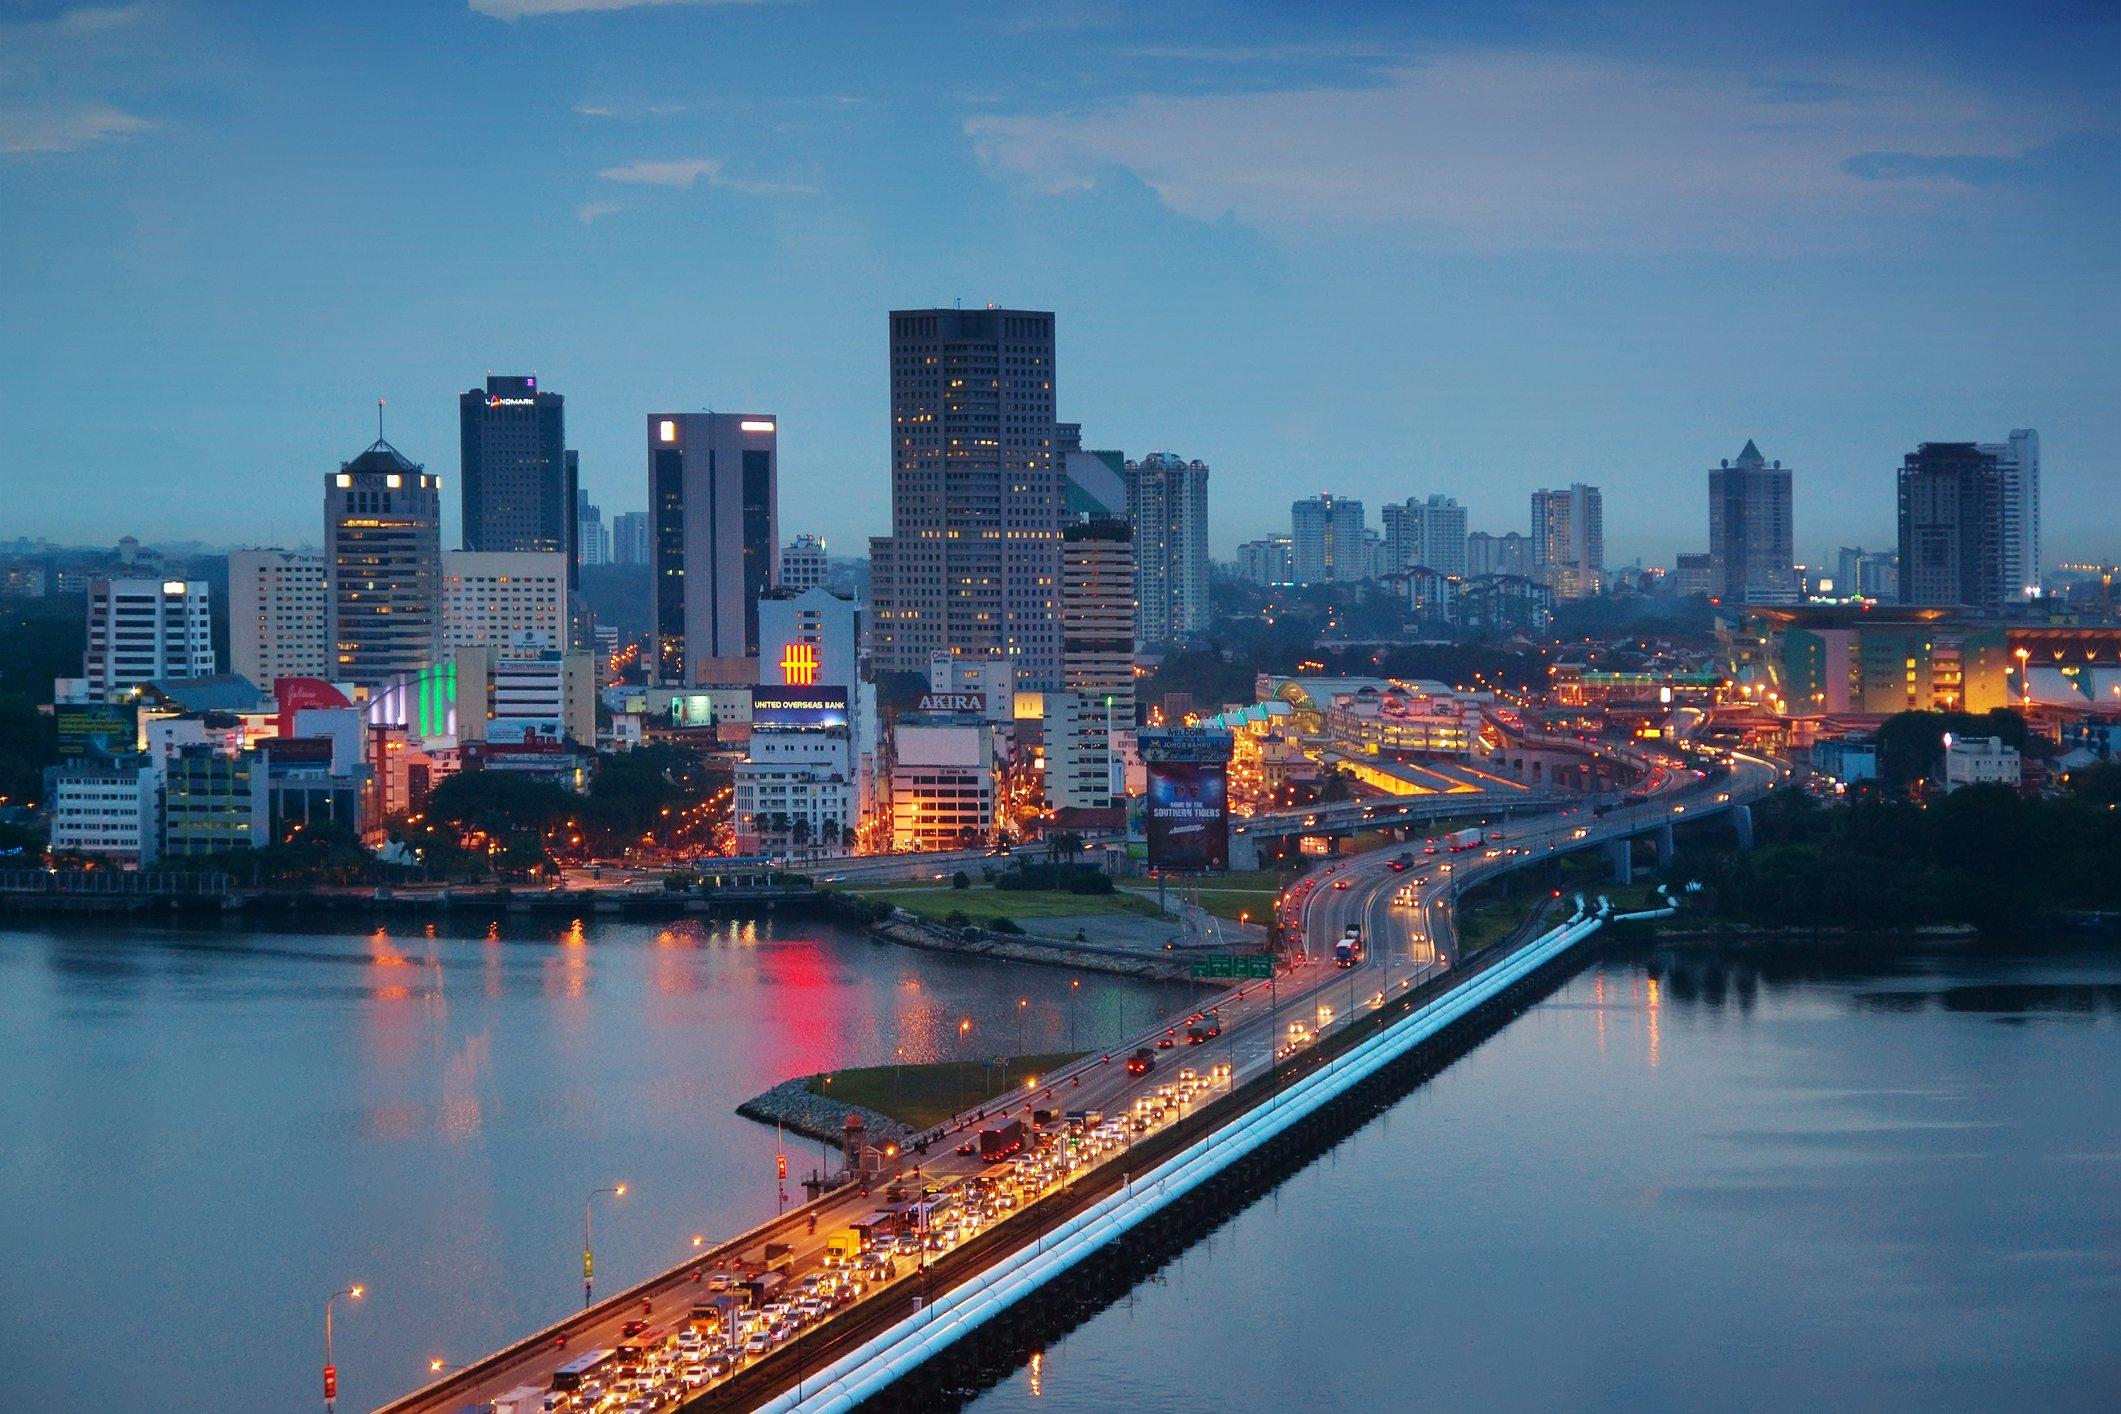 أفضل الاماكن السياحية في جوهور ماليزيا